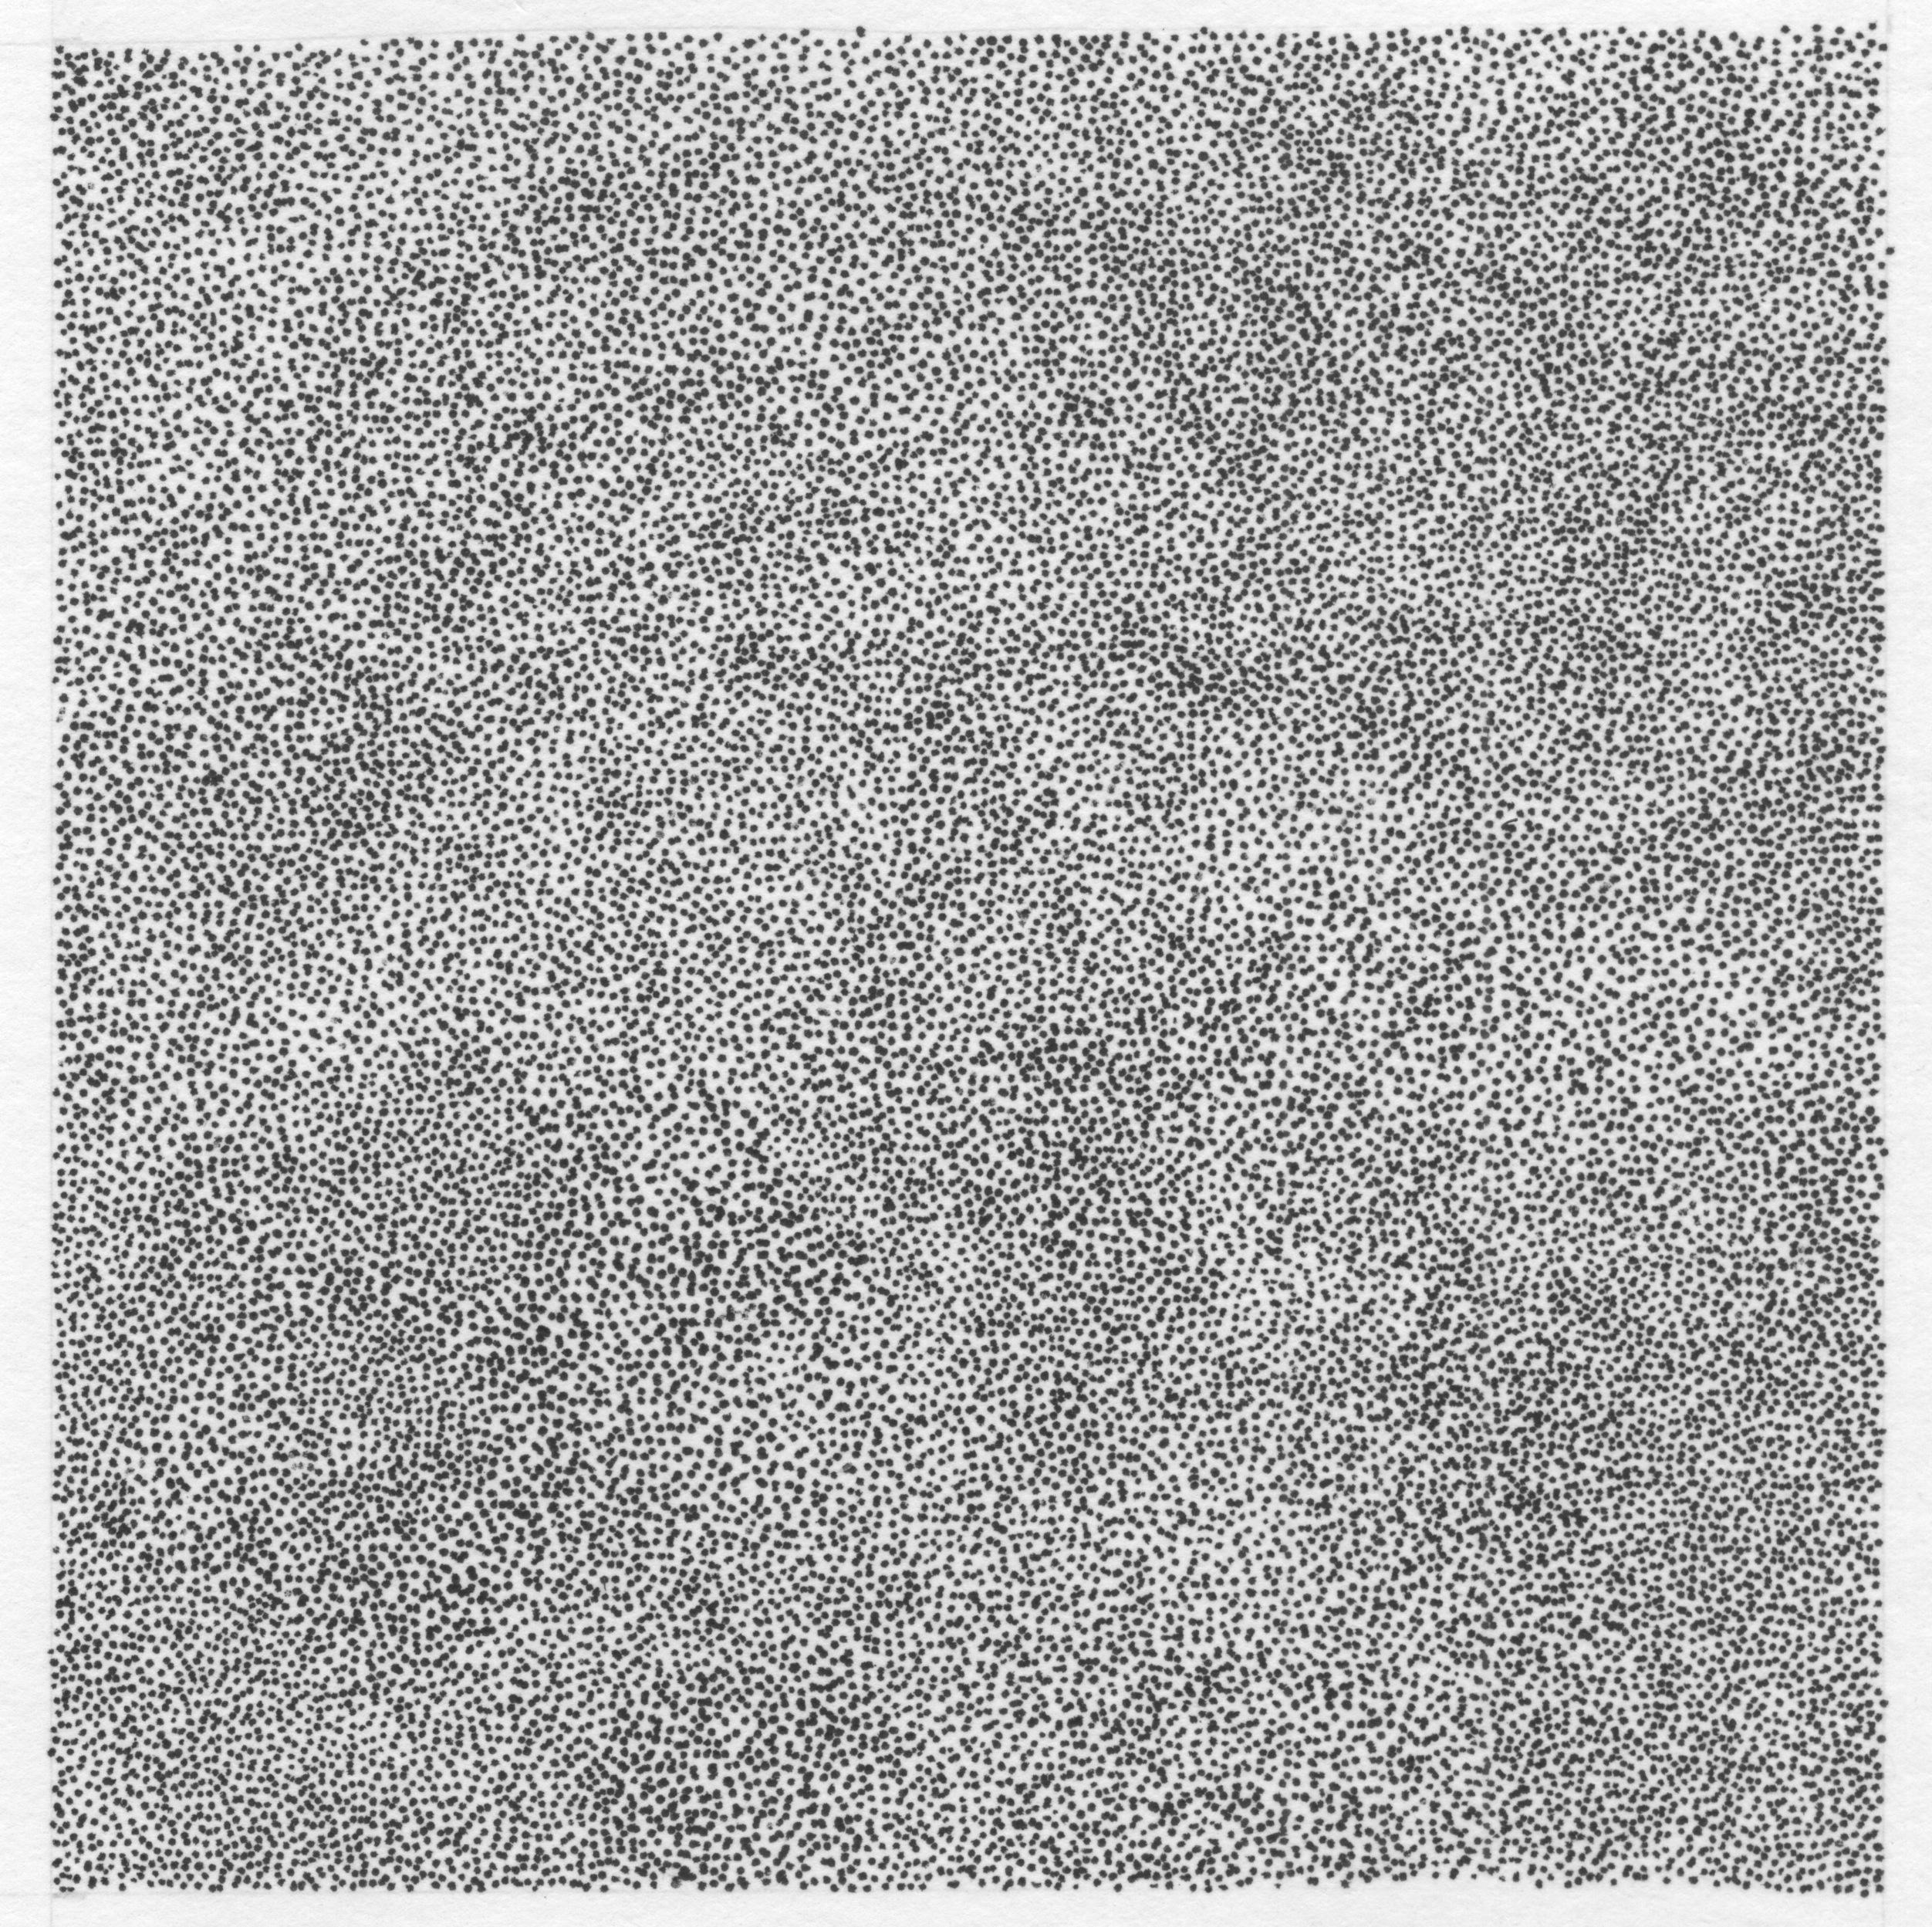 Drawn texture Hand Hand Dots Drawn Dots!